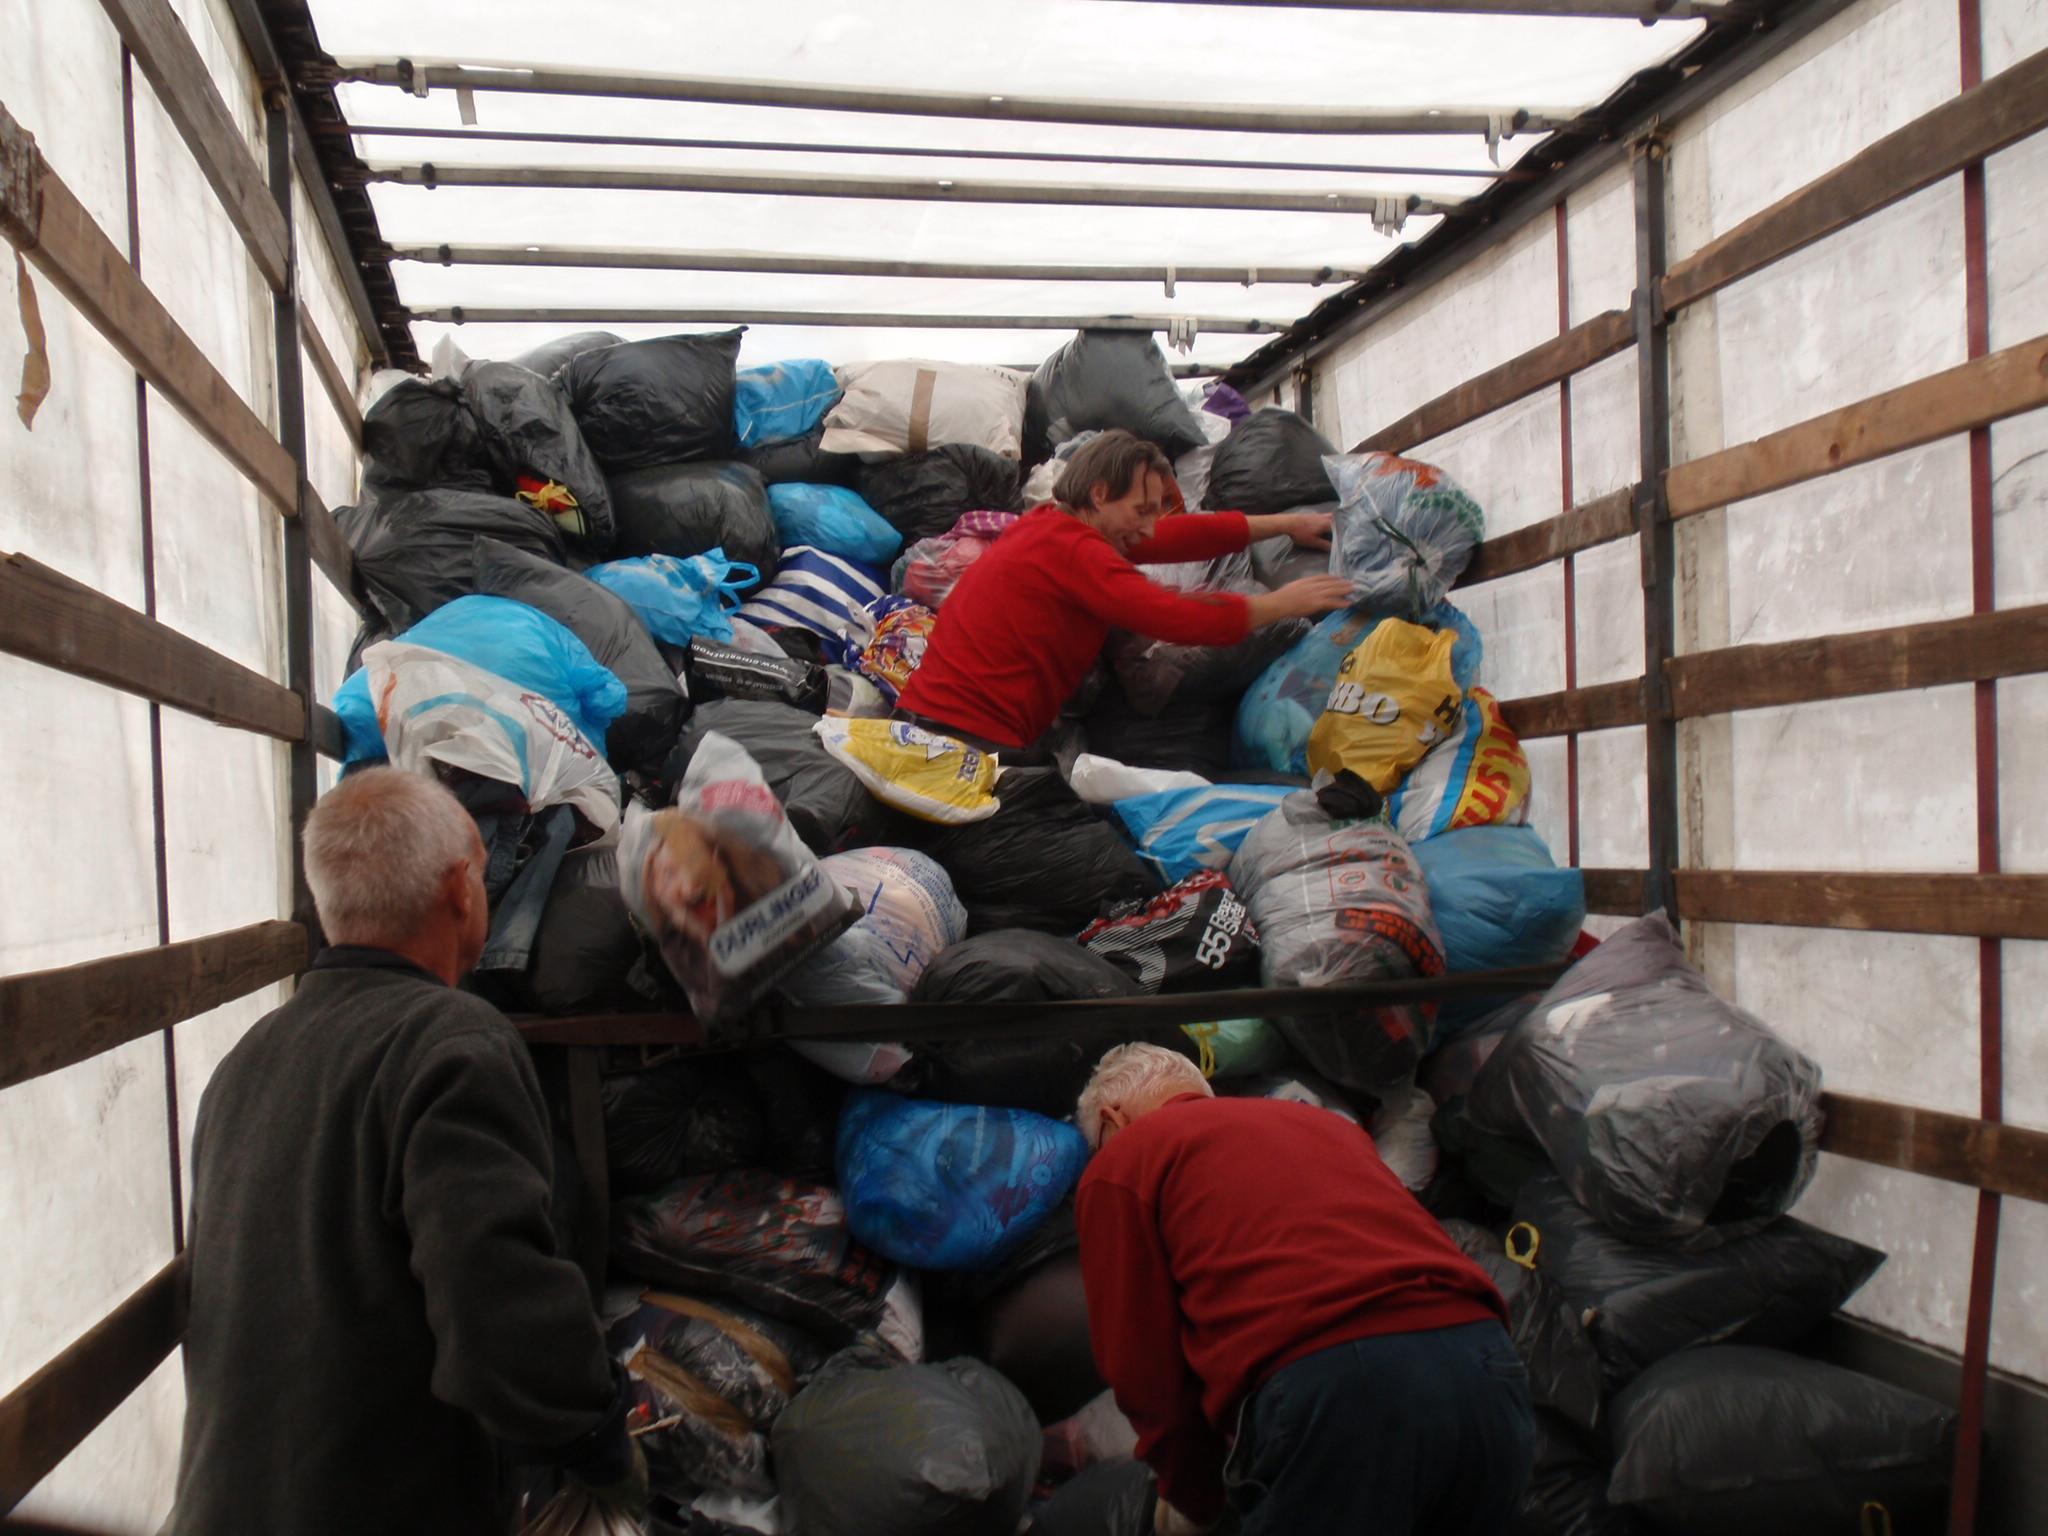 kledinginzameling-vrachtwagen